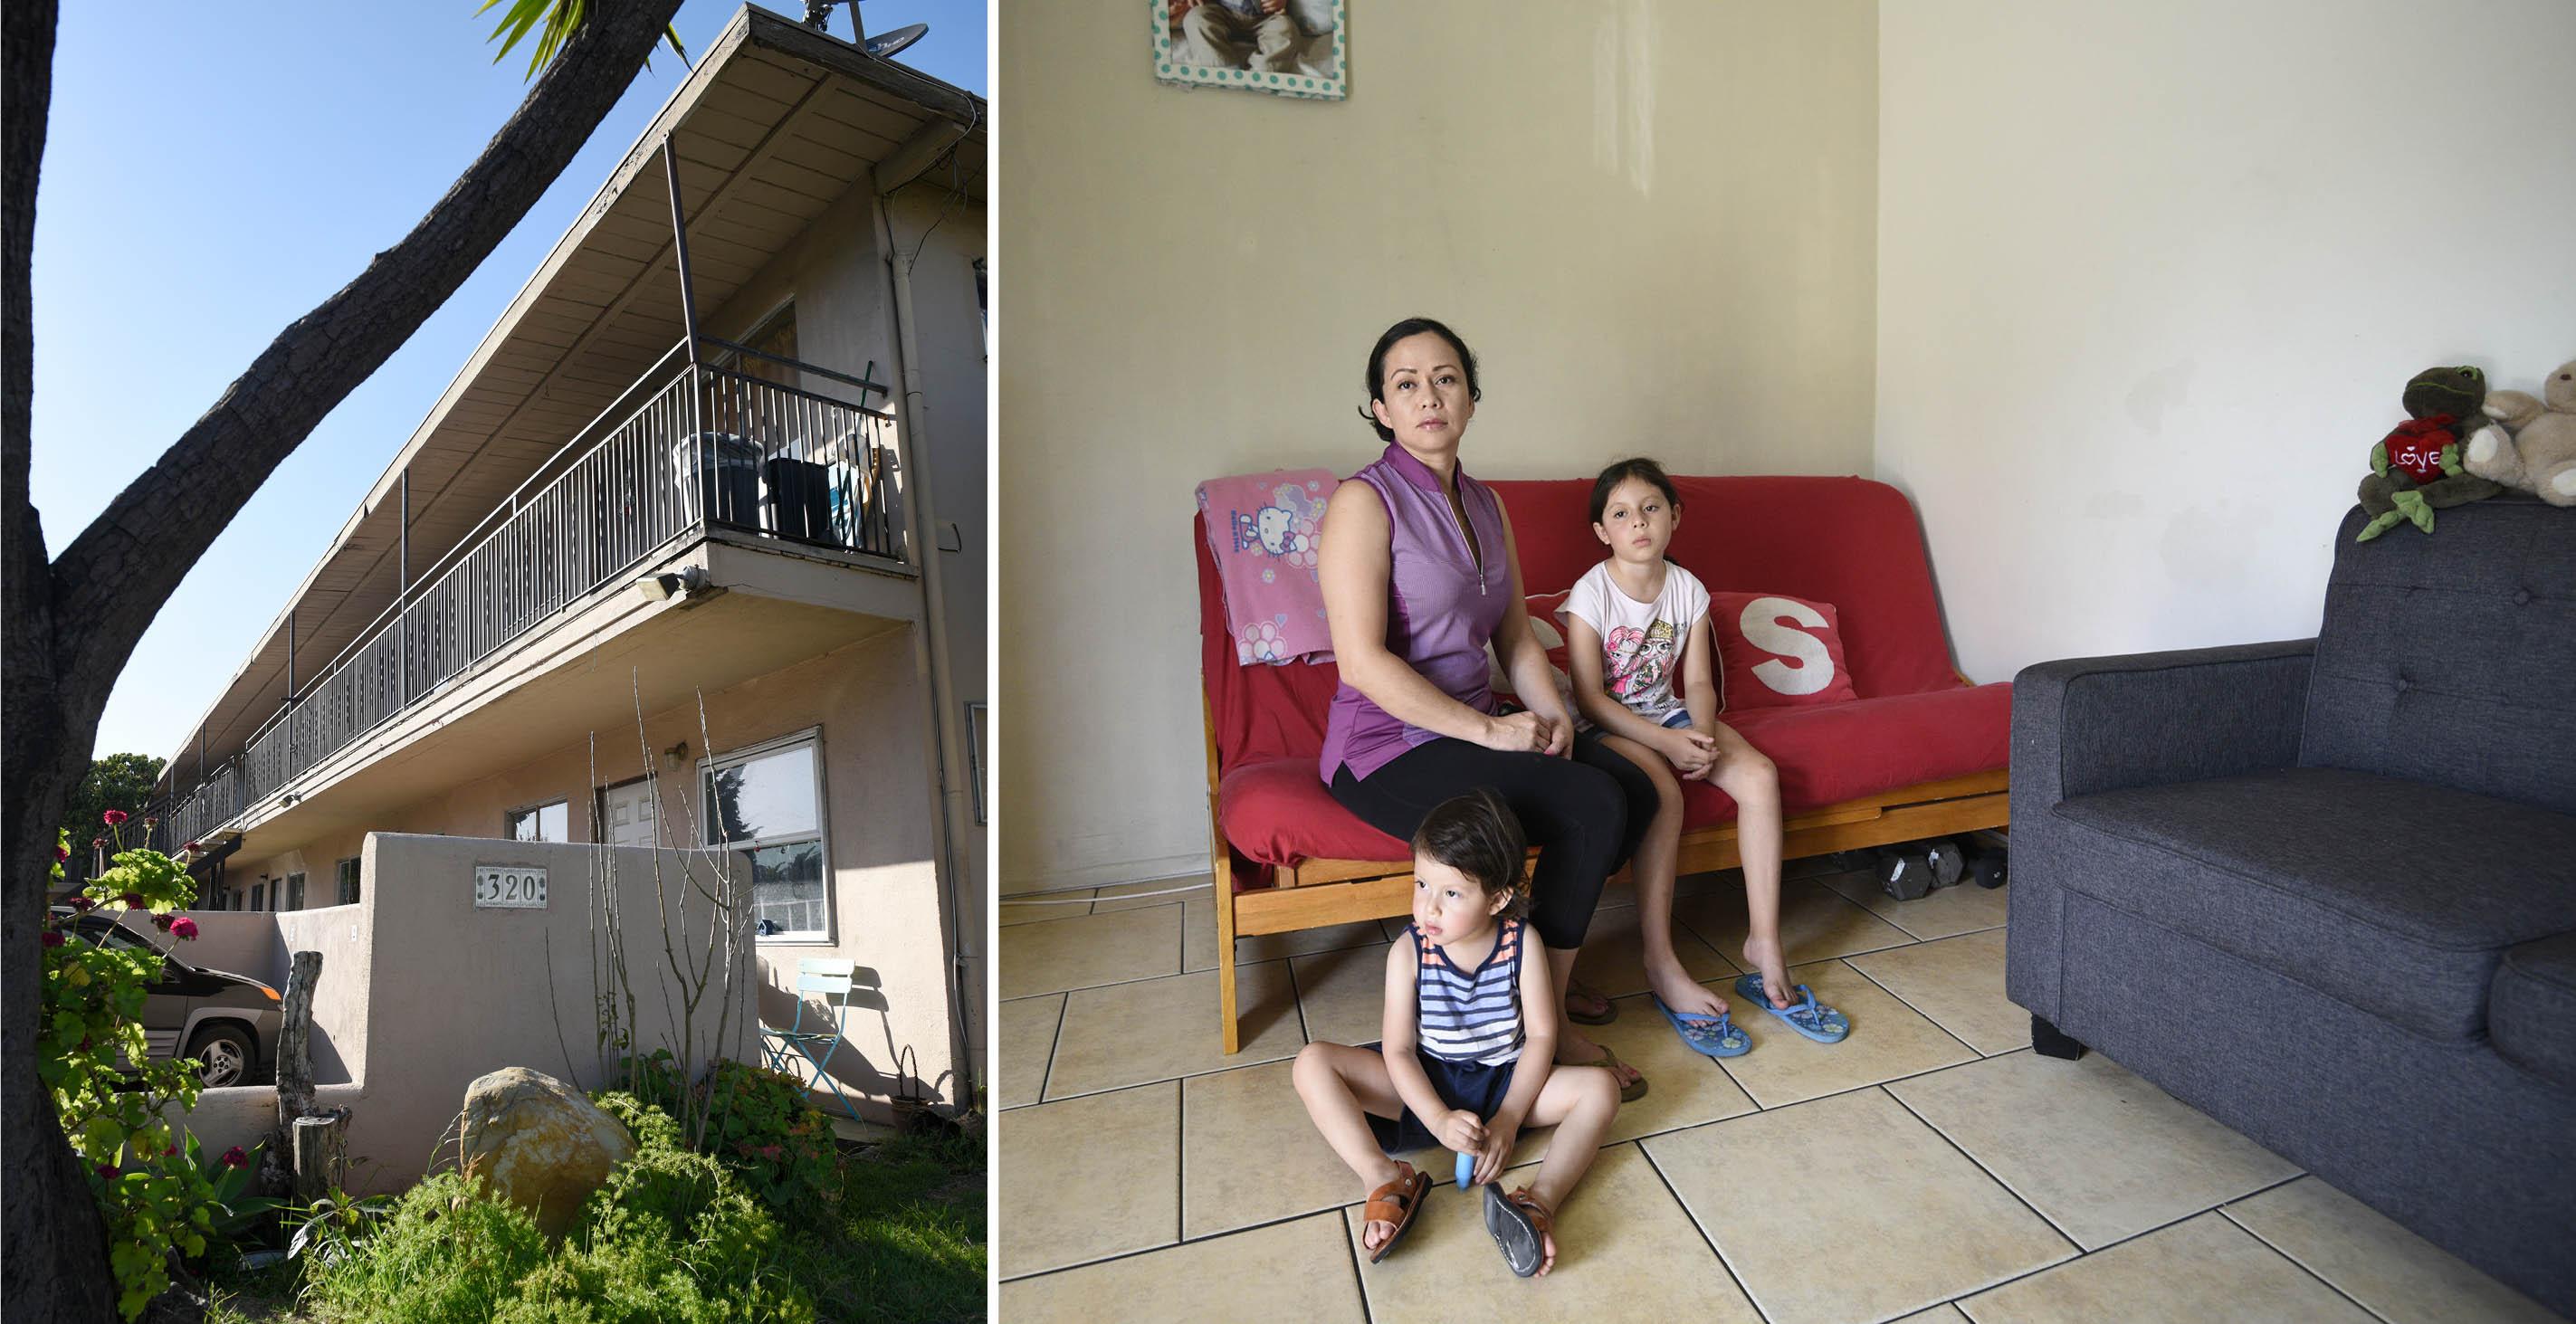 Evictions Begin at Pini Properties - The Santa Barbara